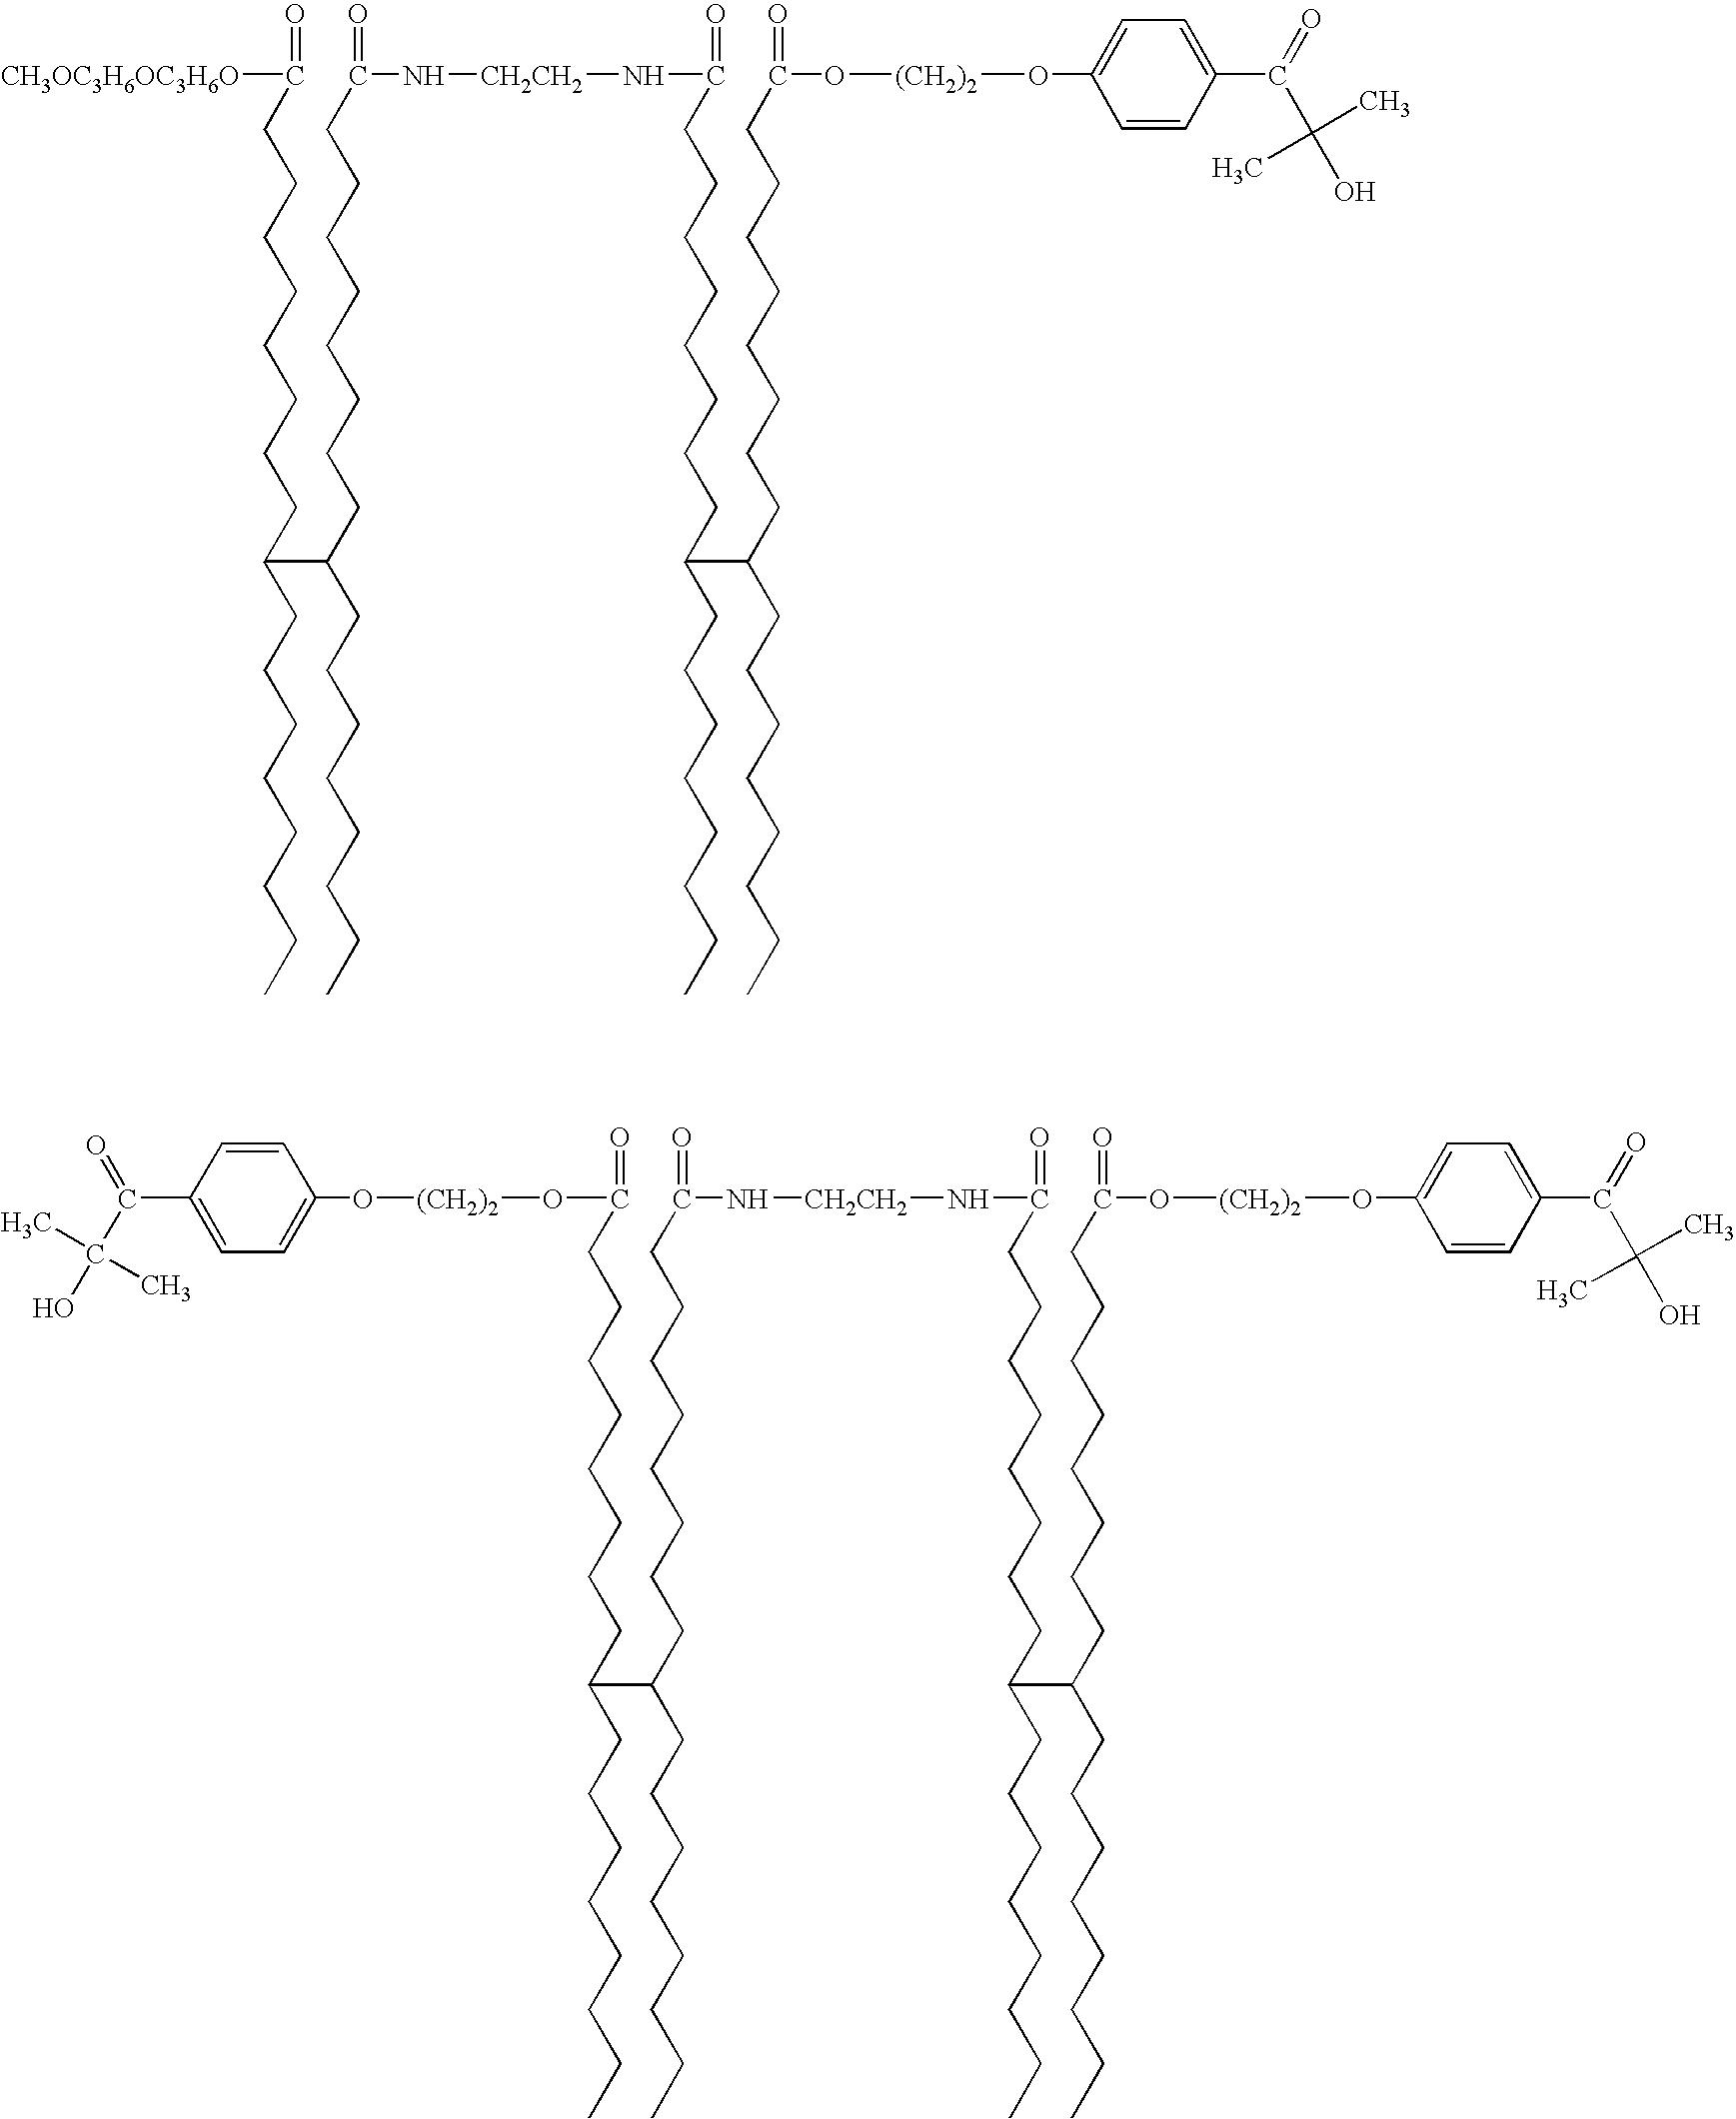 Figure US07279587-20071009-C00050